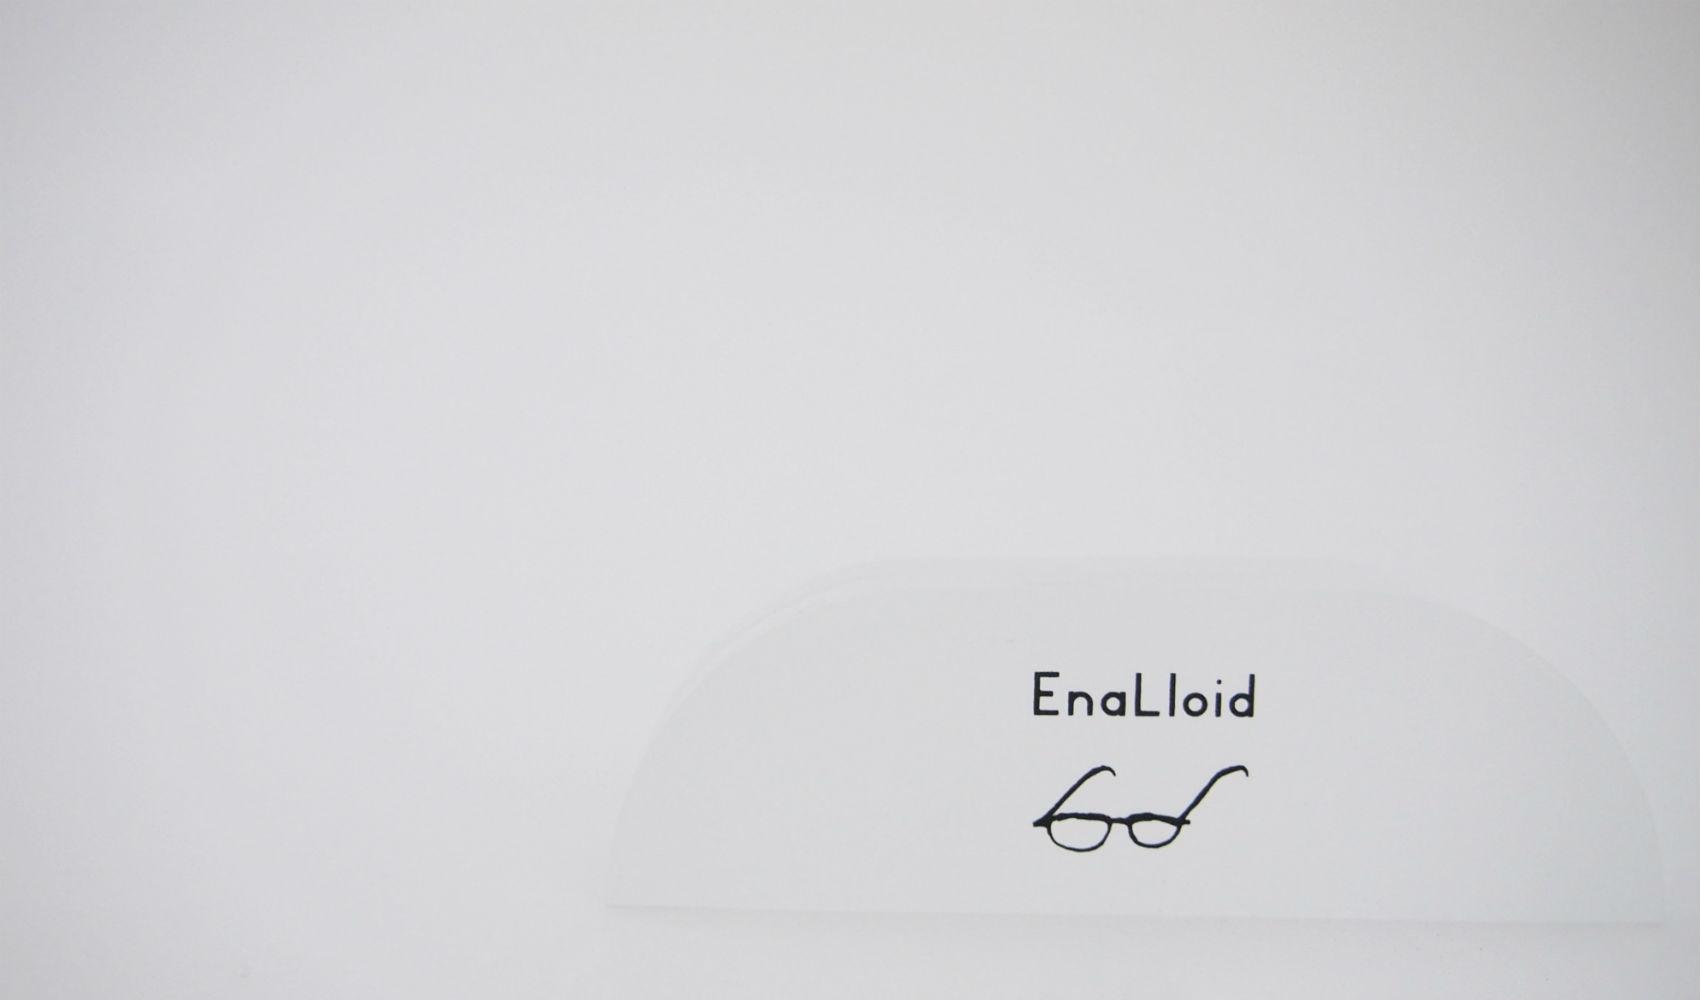 Ena Lloid Meg